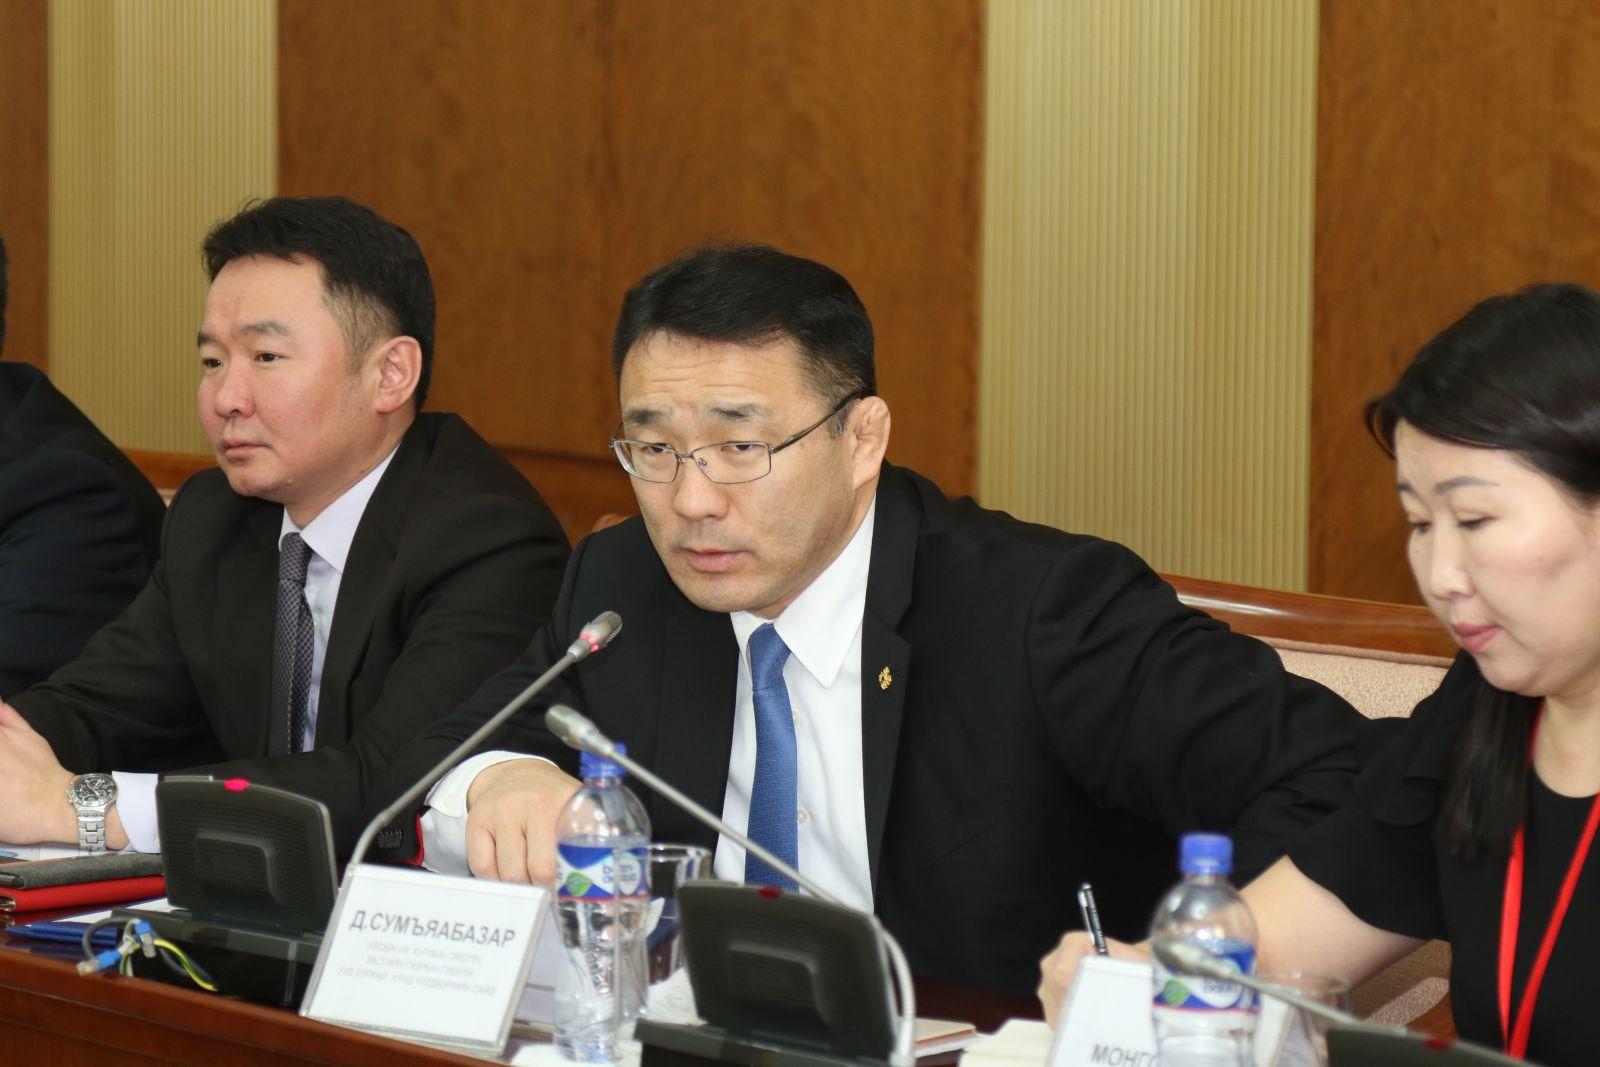 Иргэд, ААН-үүд 2017 онд Монголбанкинд 17 тонн алт тушаажээ